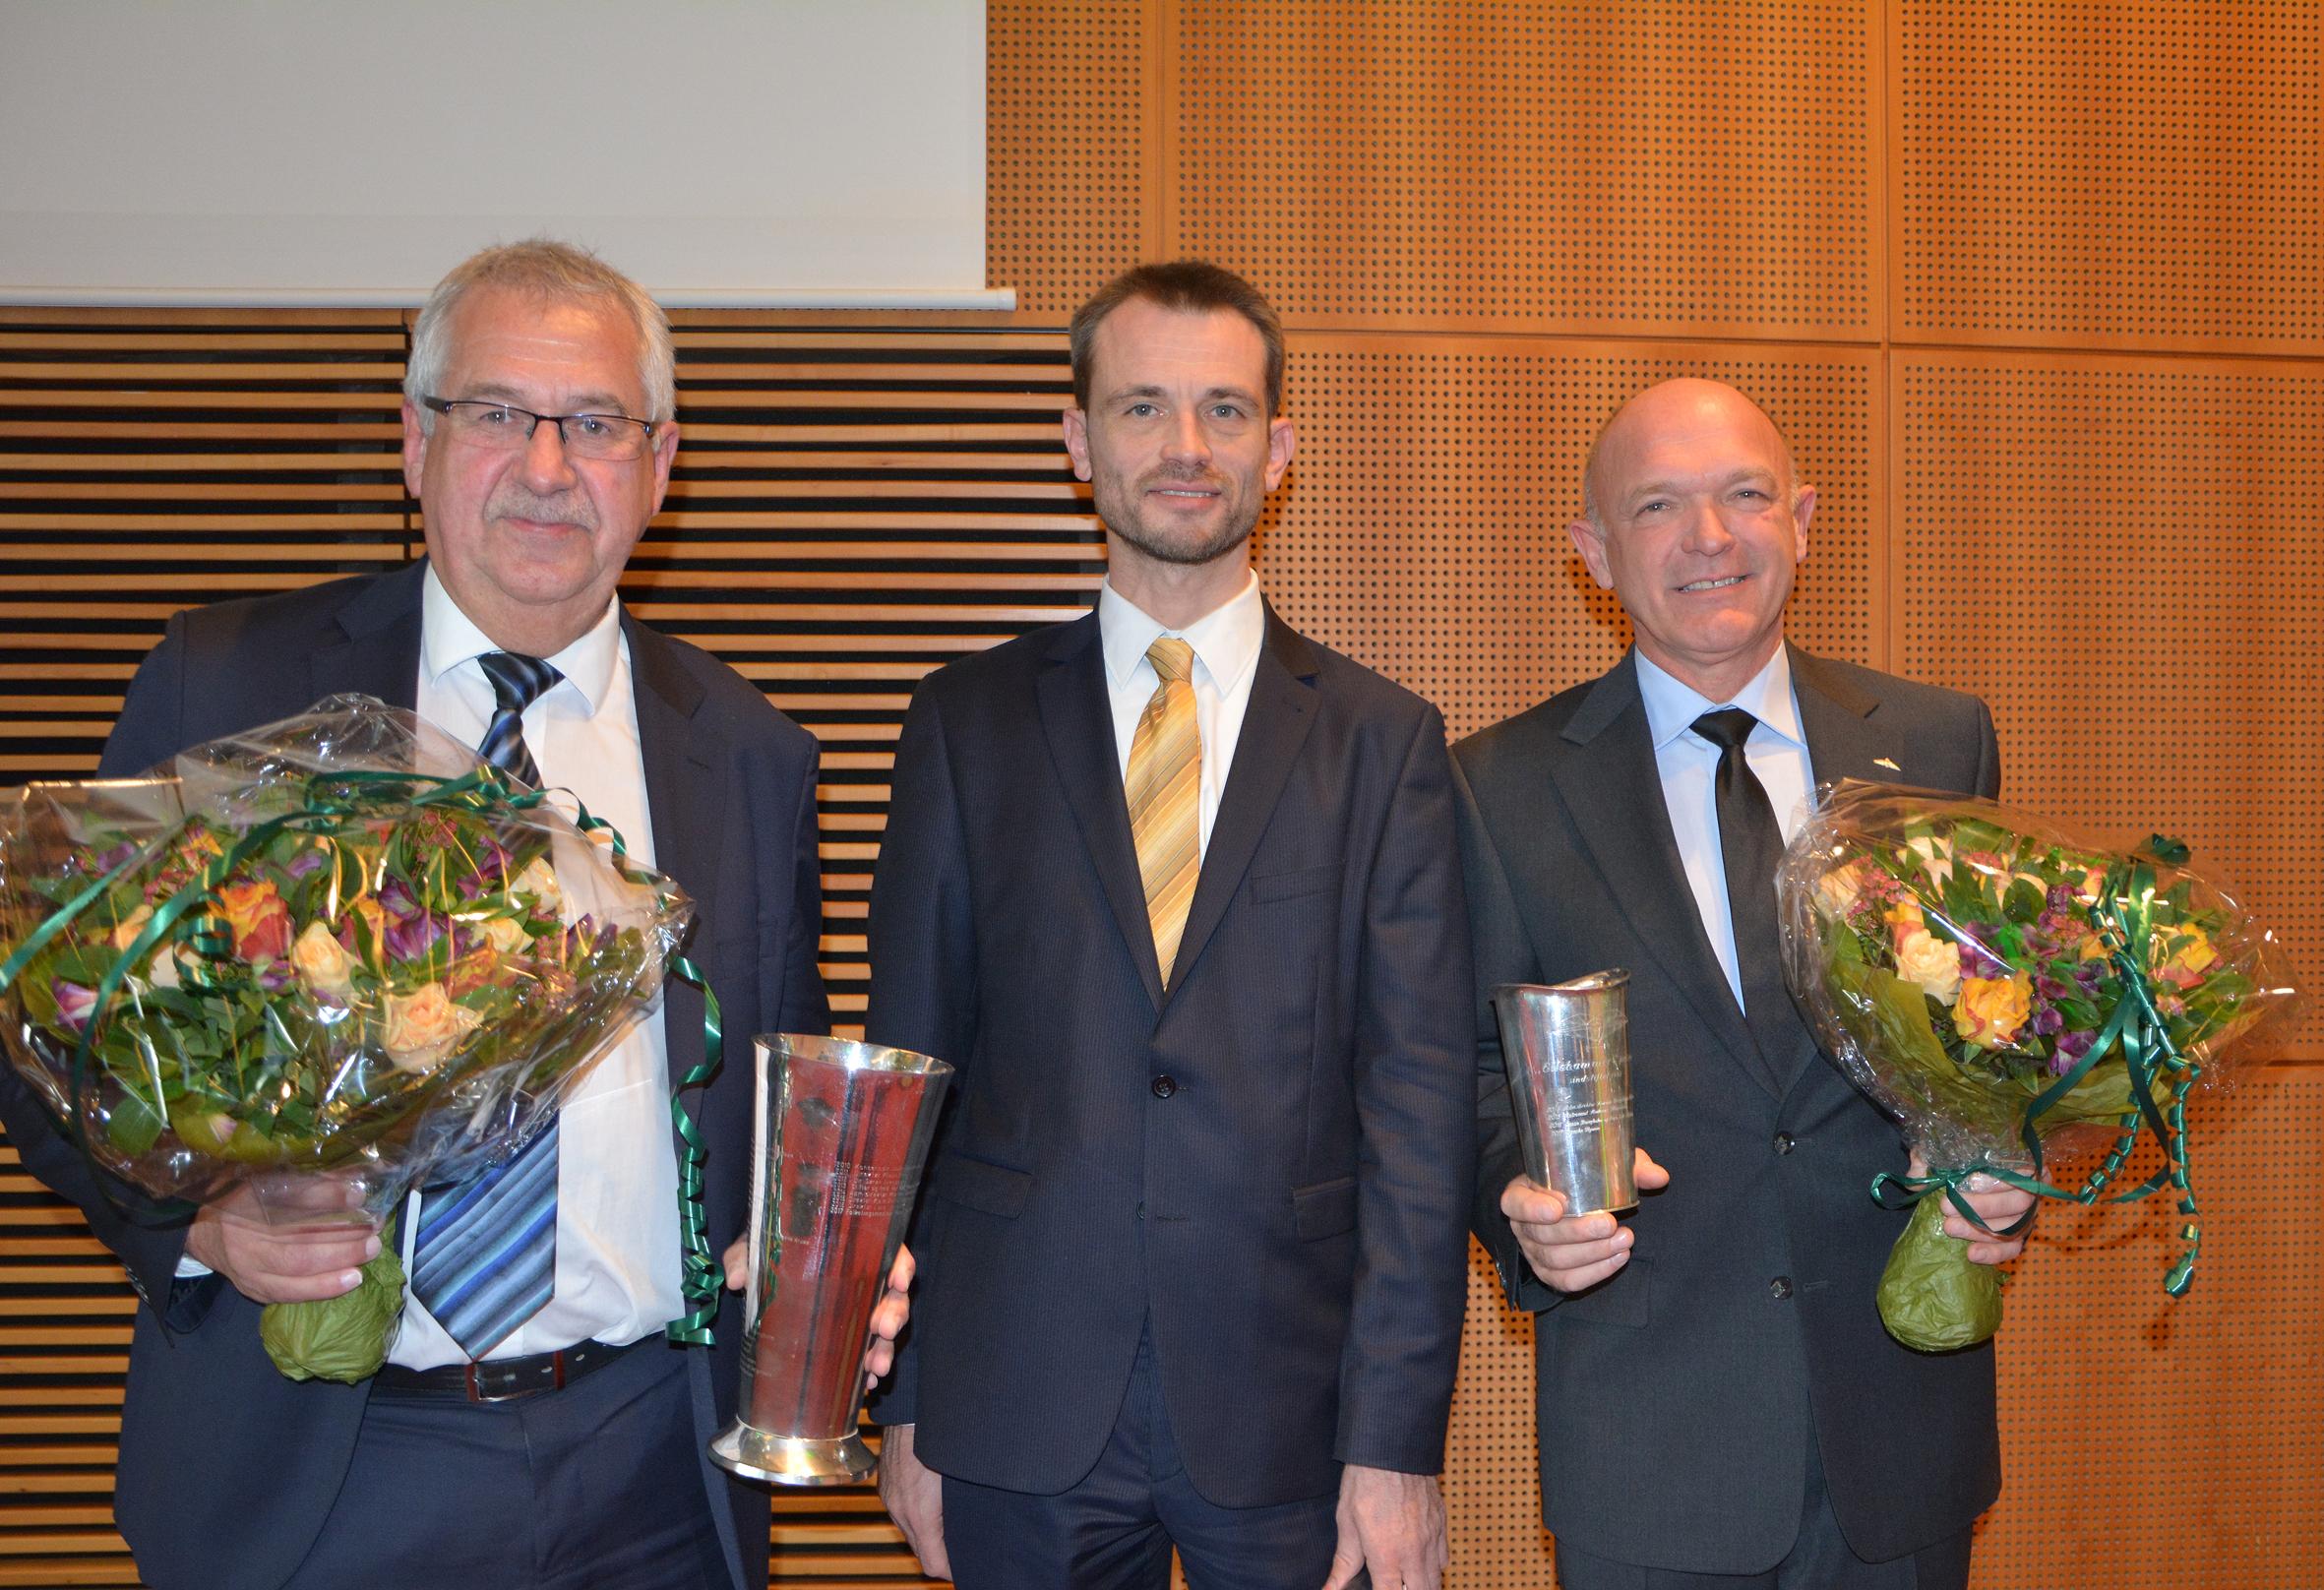 Fra venstre Hans Christian Schmidt (tidl. transportminister), Andreas Krog (formand for Danske Flyvejournalisters Klub) samt Franz Vinther (formand for Danske Flyvere). Foto: Preben Pathuel